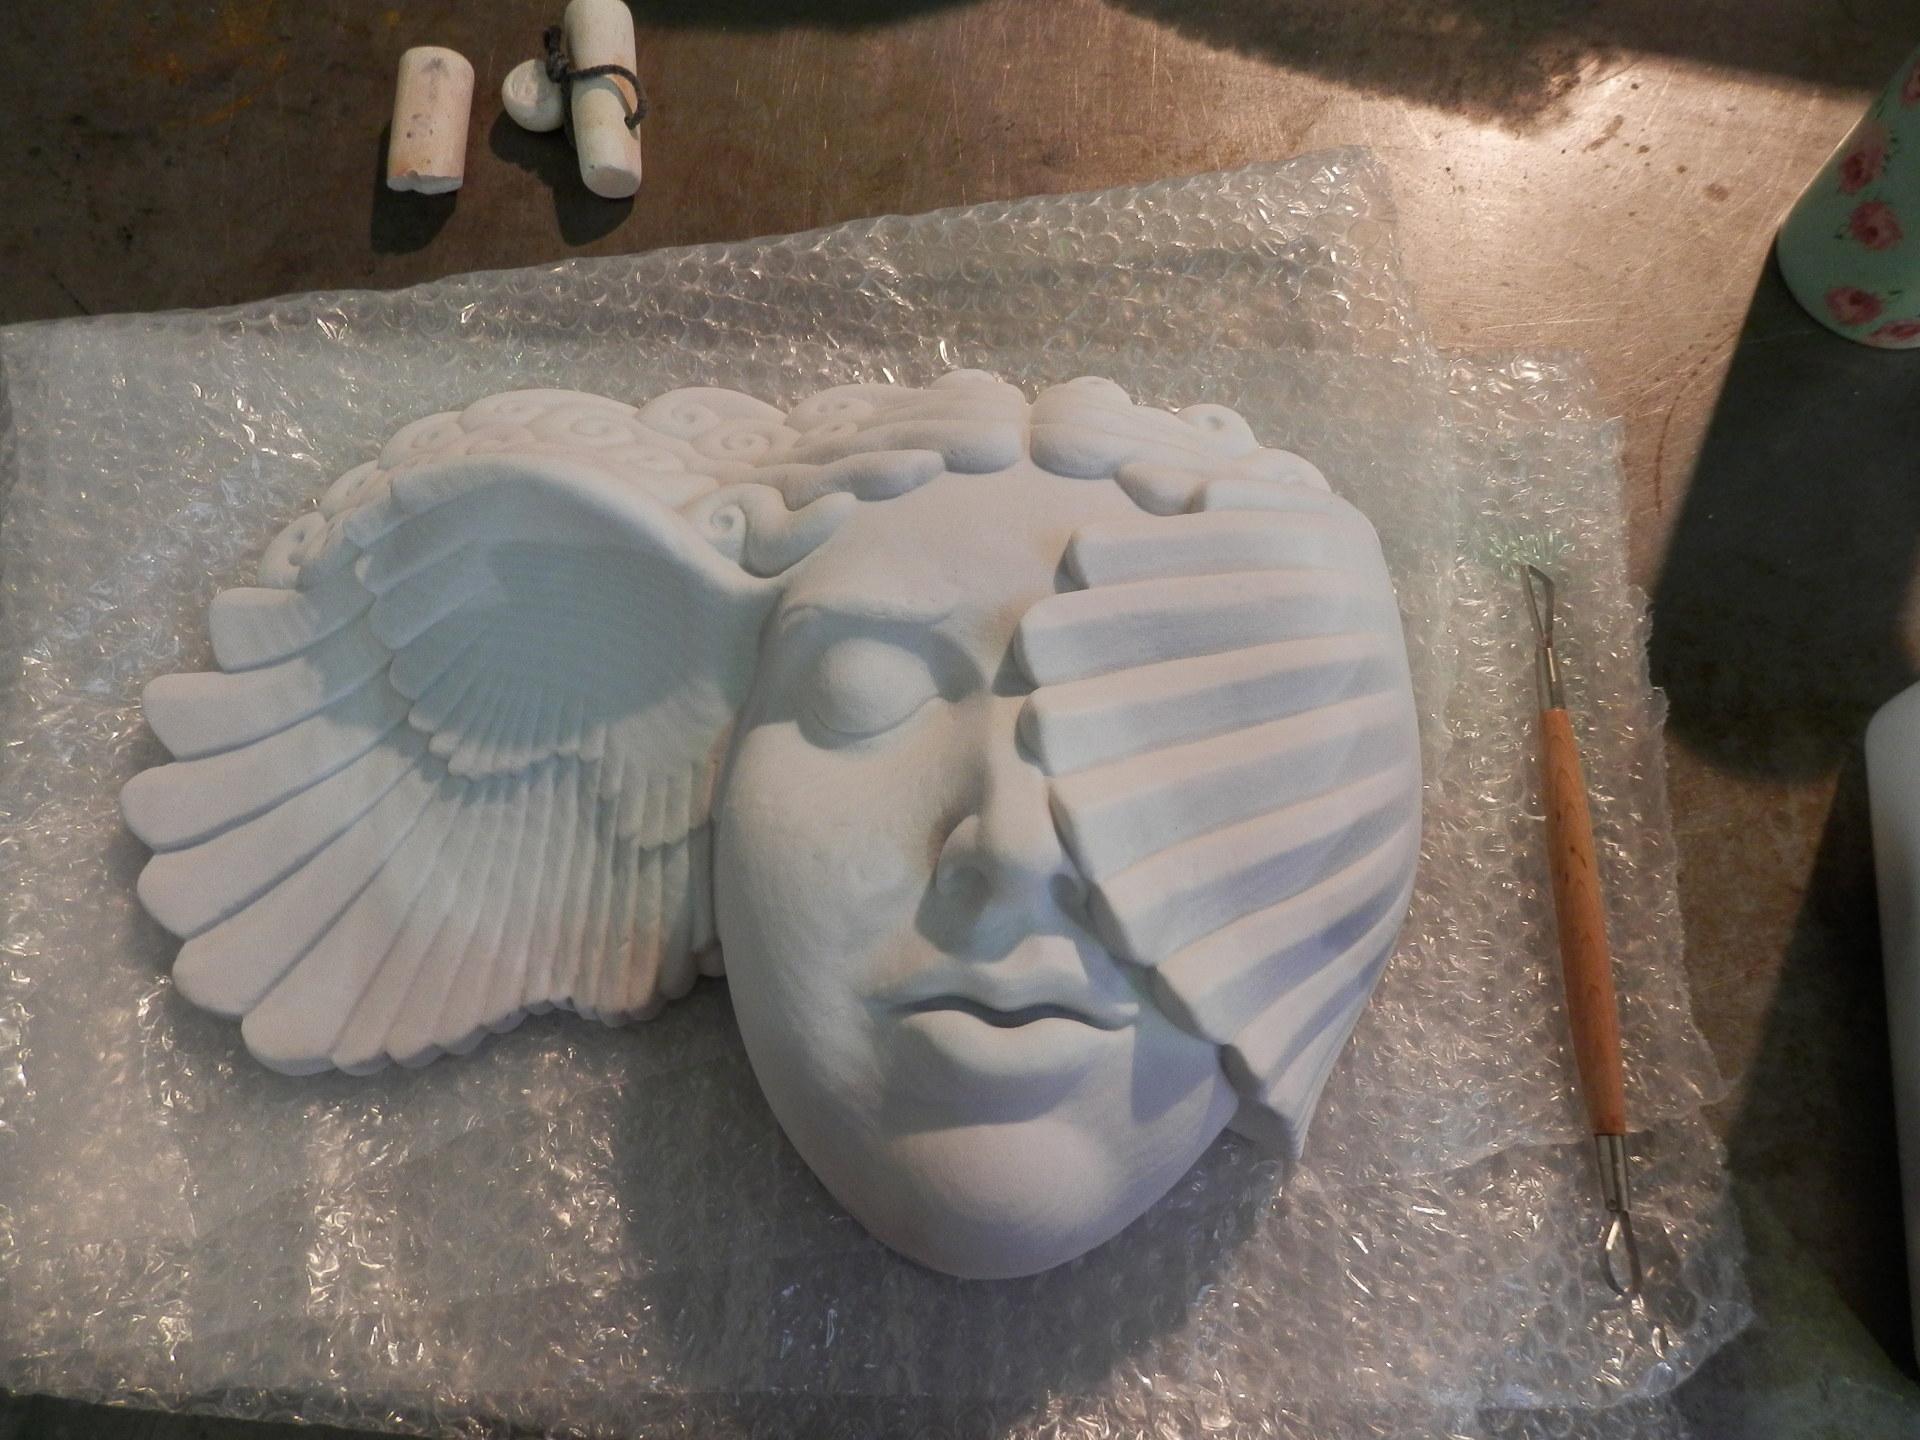 Hypnia 3D printed